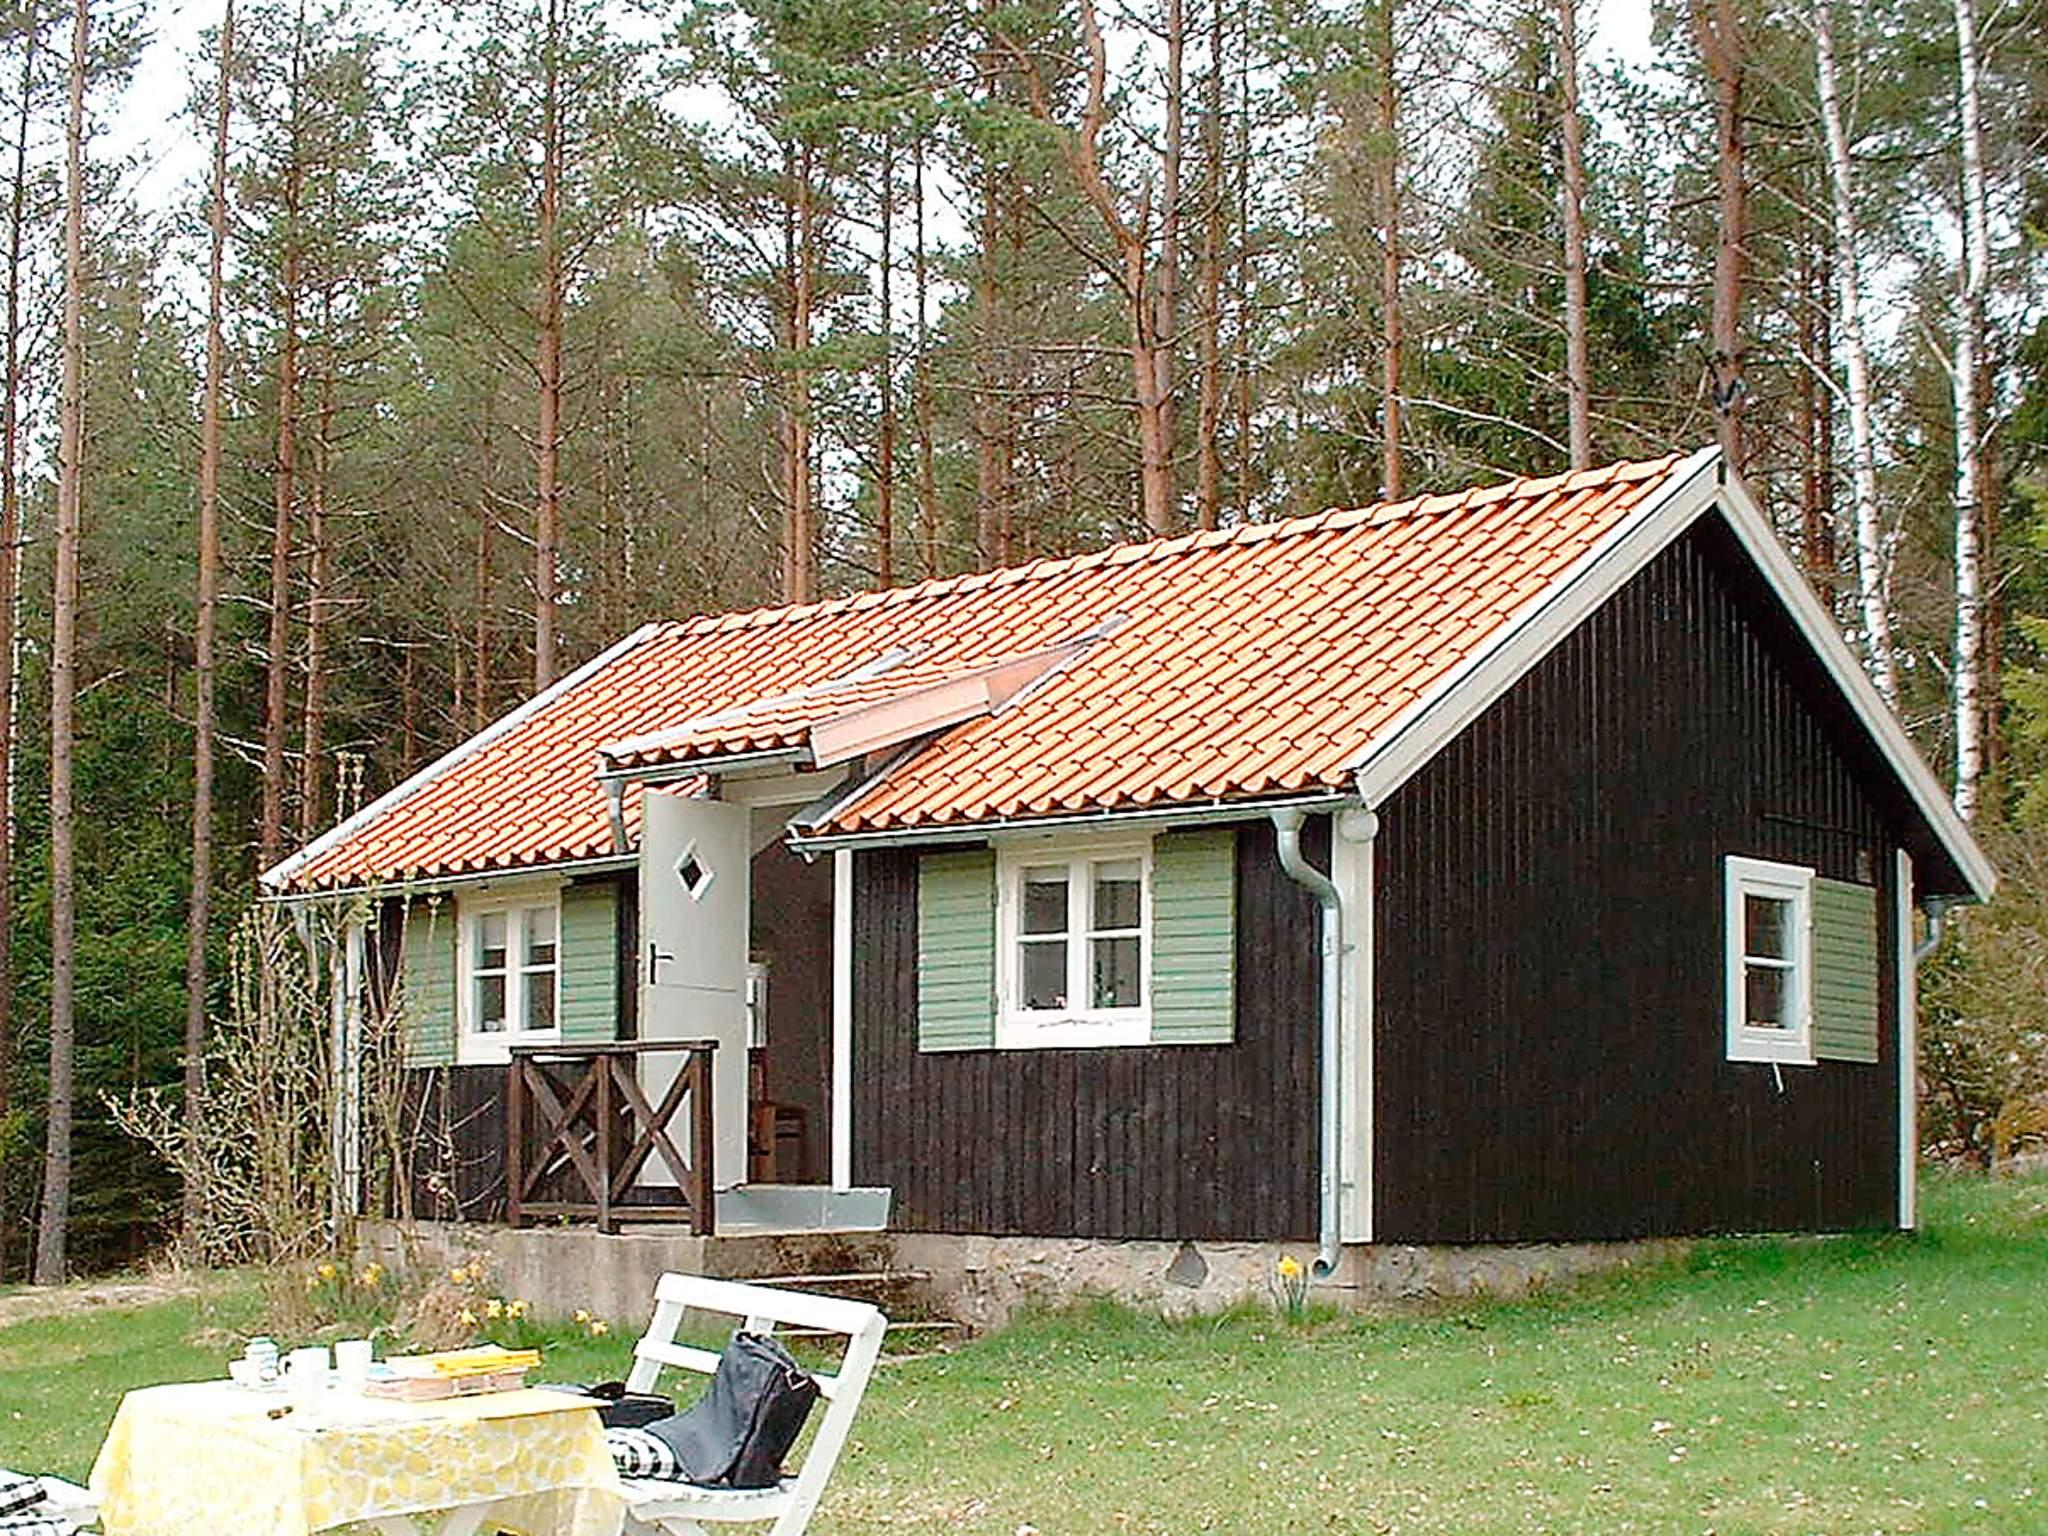 Ferienhaus Belganet (86864), Hallabro, Blekinge län, Südschweden, Schweden, Bild 1